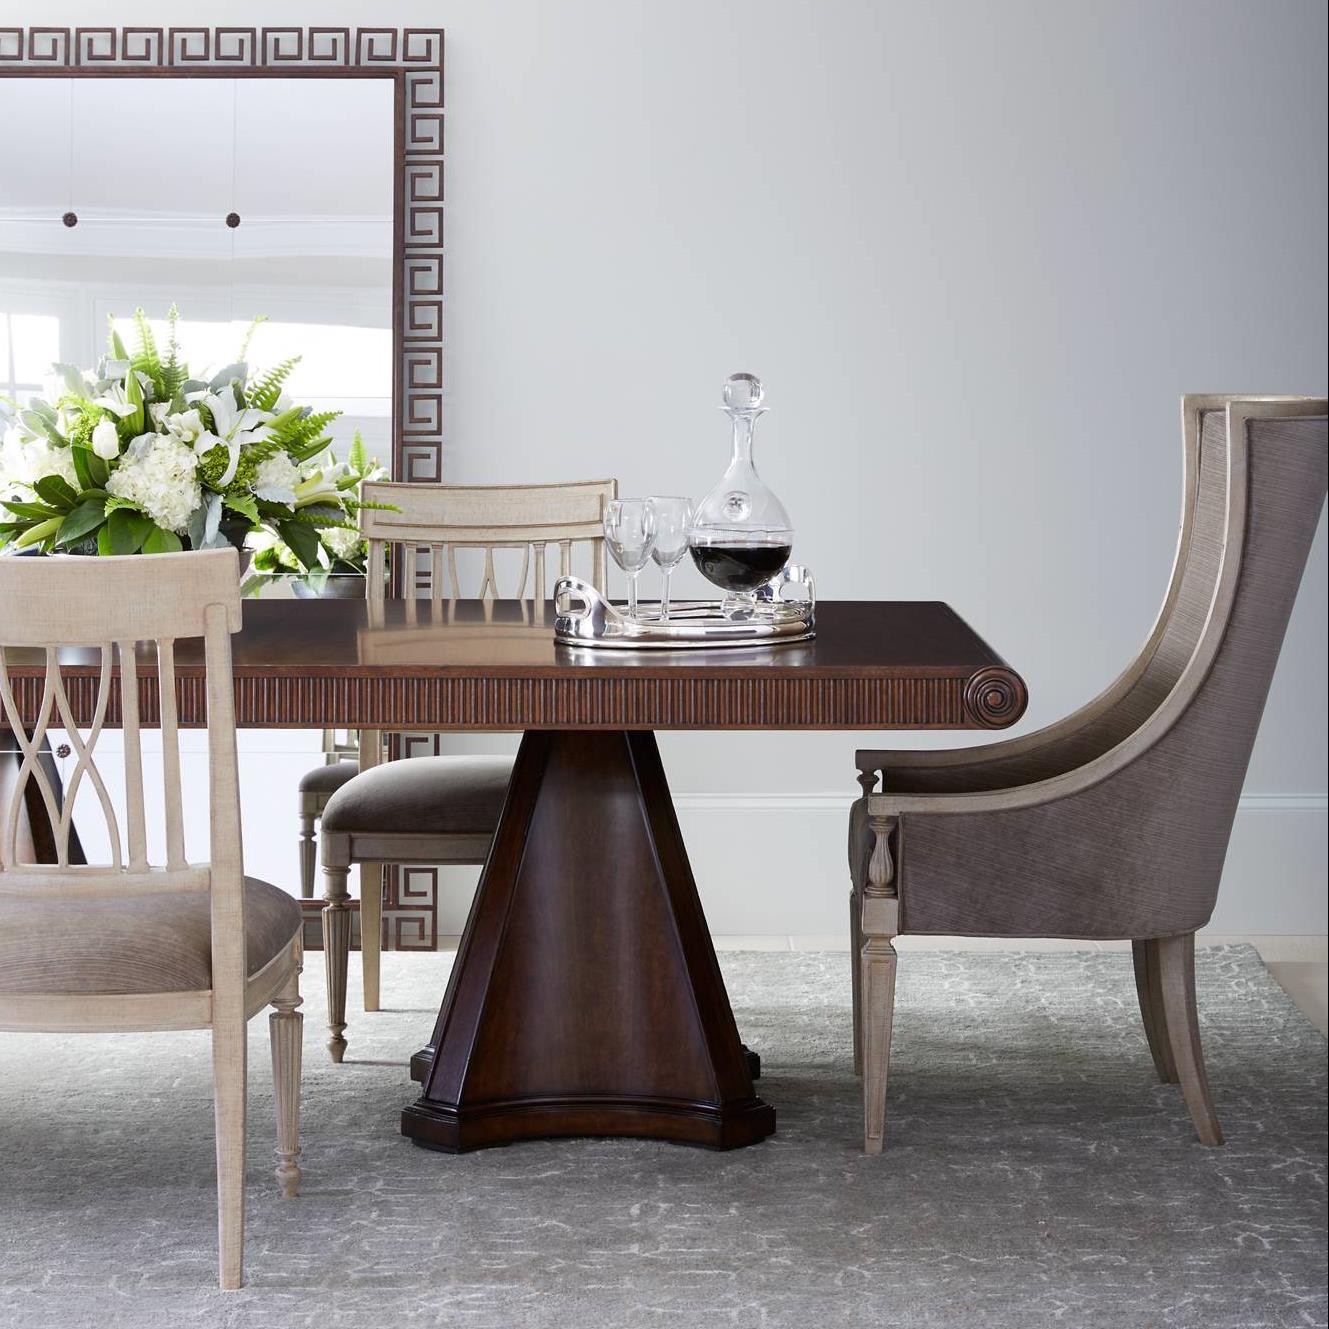 Stanley Furniture Villa Couture 7 Piece Dante Double Pedestal Table Set